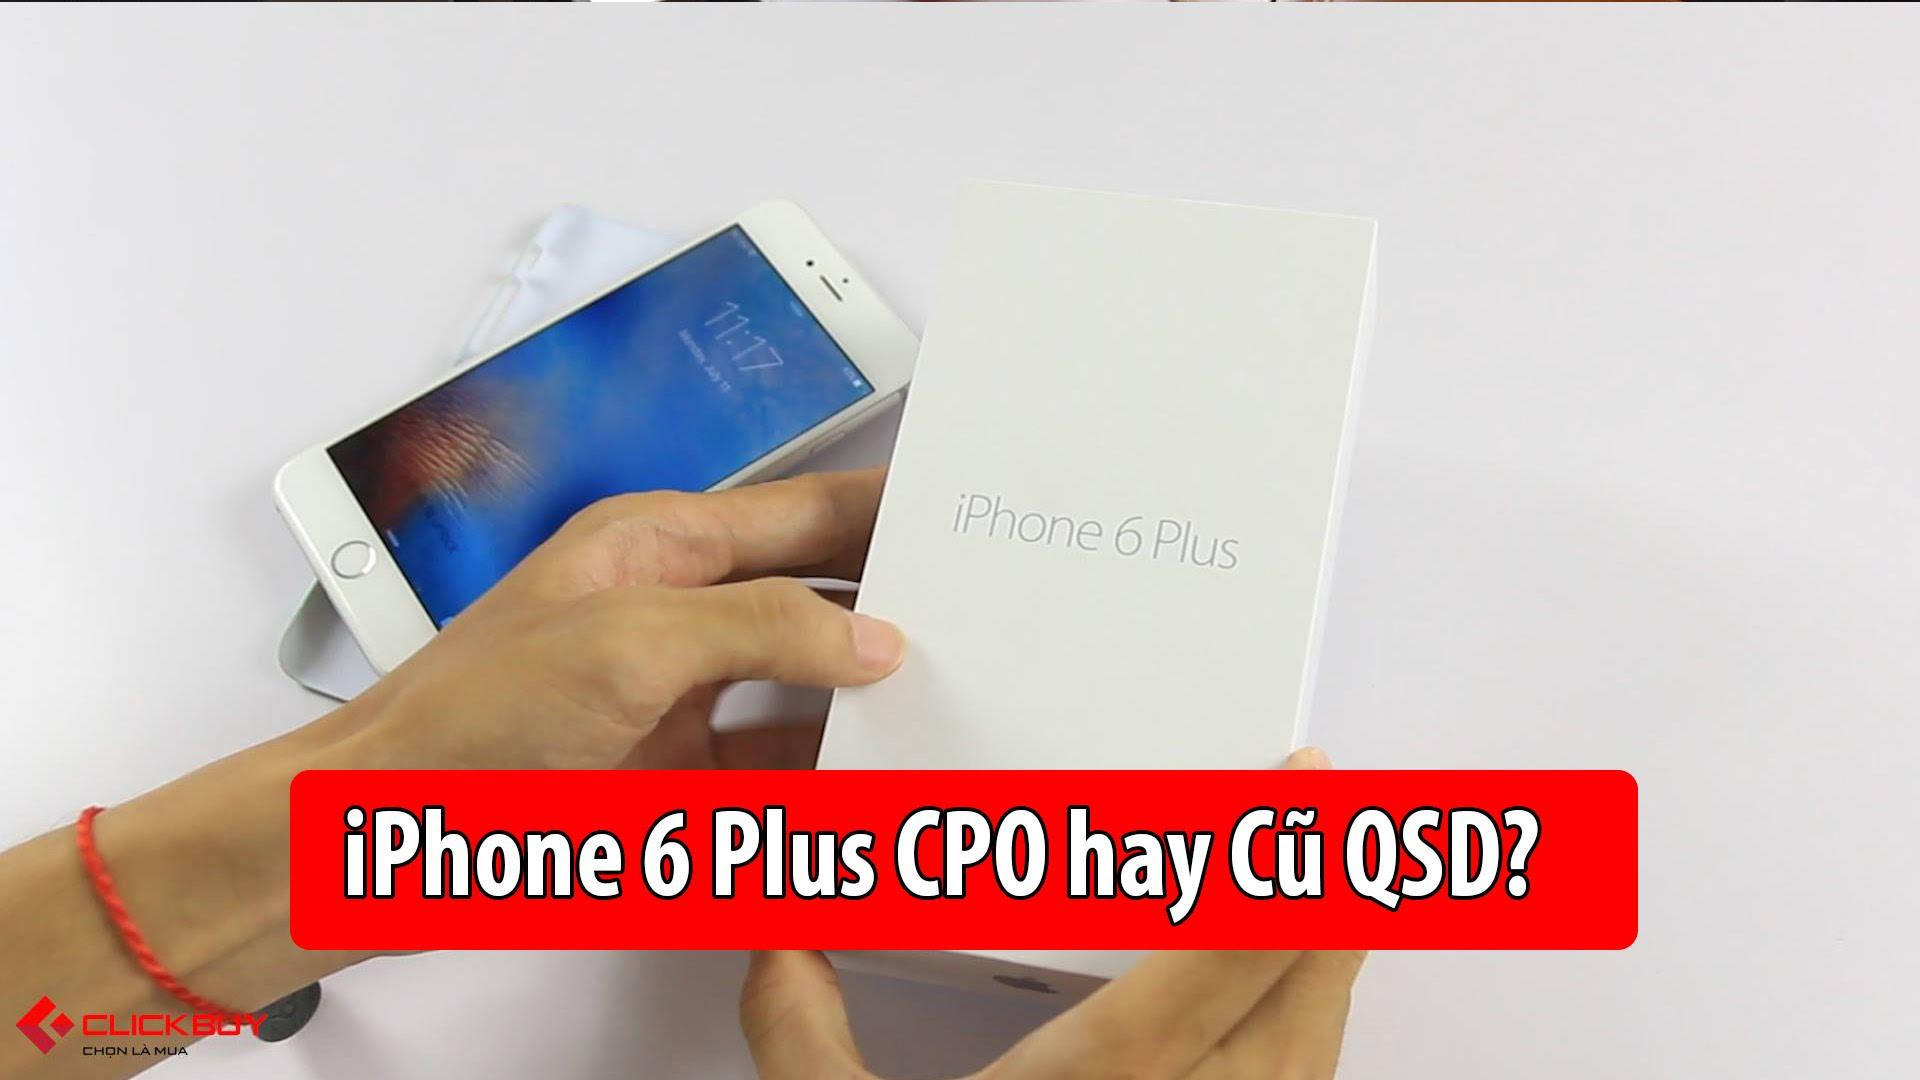 iPhone CPO Là Gì? Tìm Hiểu Về iPhone CPO Là Gì?